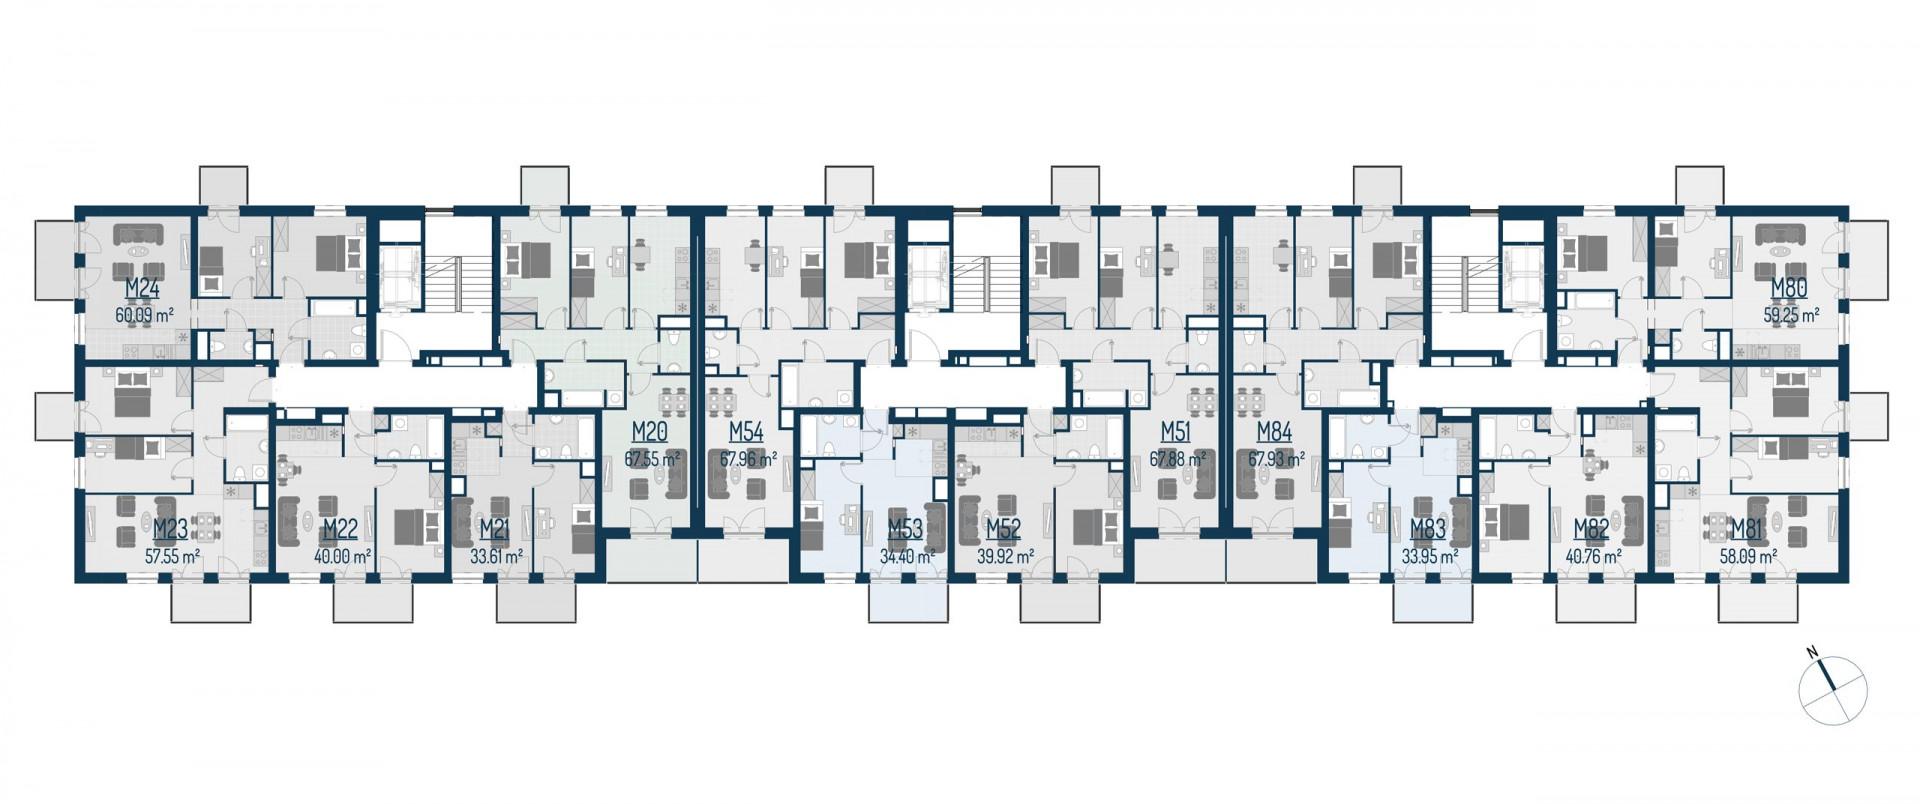 Zdrowe Stylove / budynek 1 / mieszkanie nr M80 rzut 2